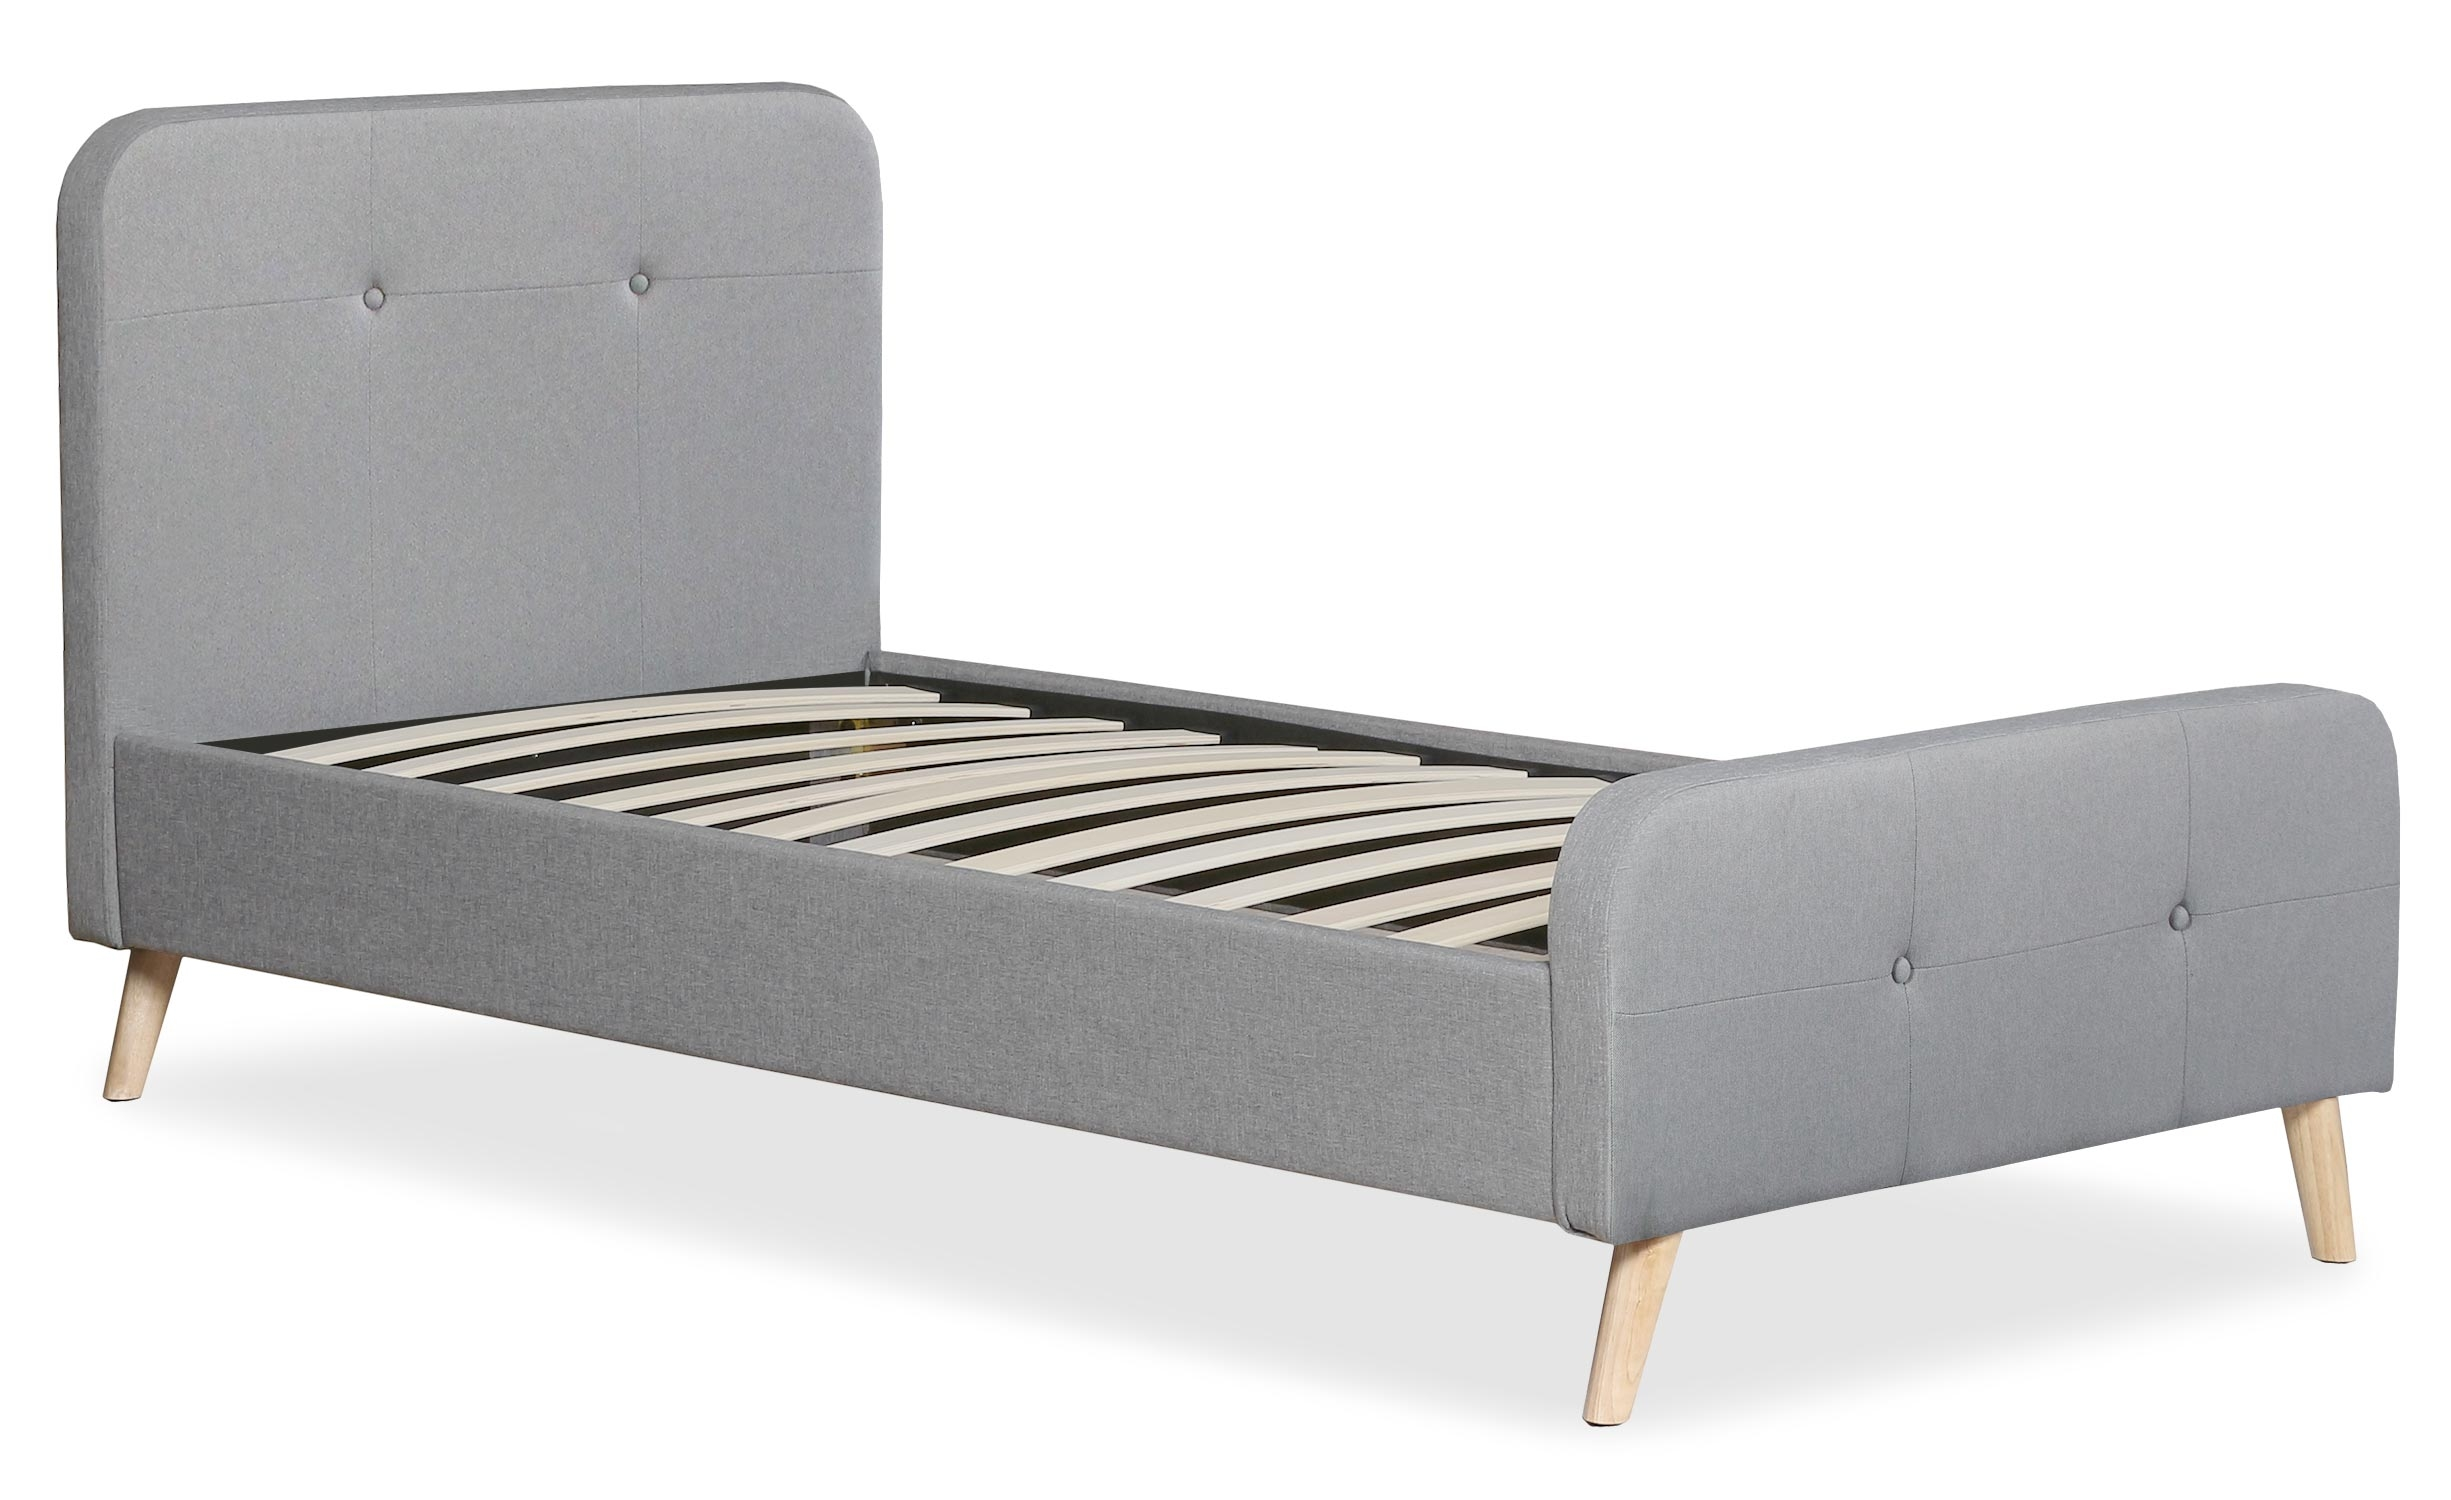 Delano Skandinavisches Bett mit Kopfteil und Lattenrost 90x190cm, Stoffbezug Grau